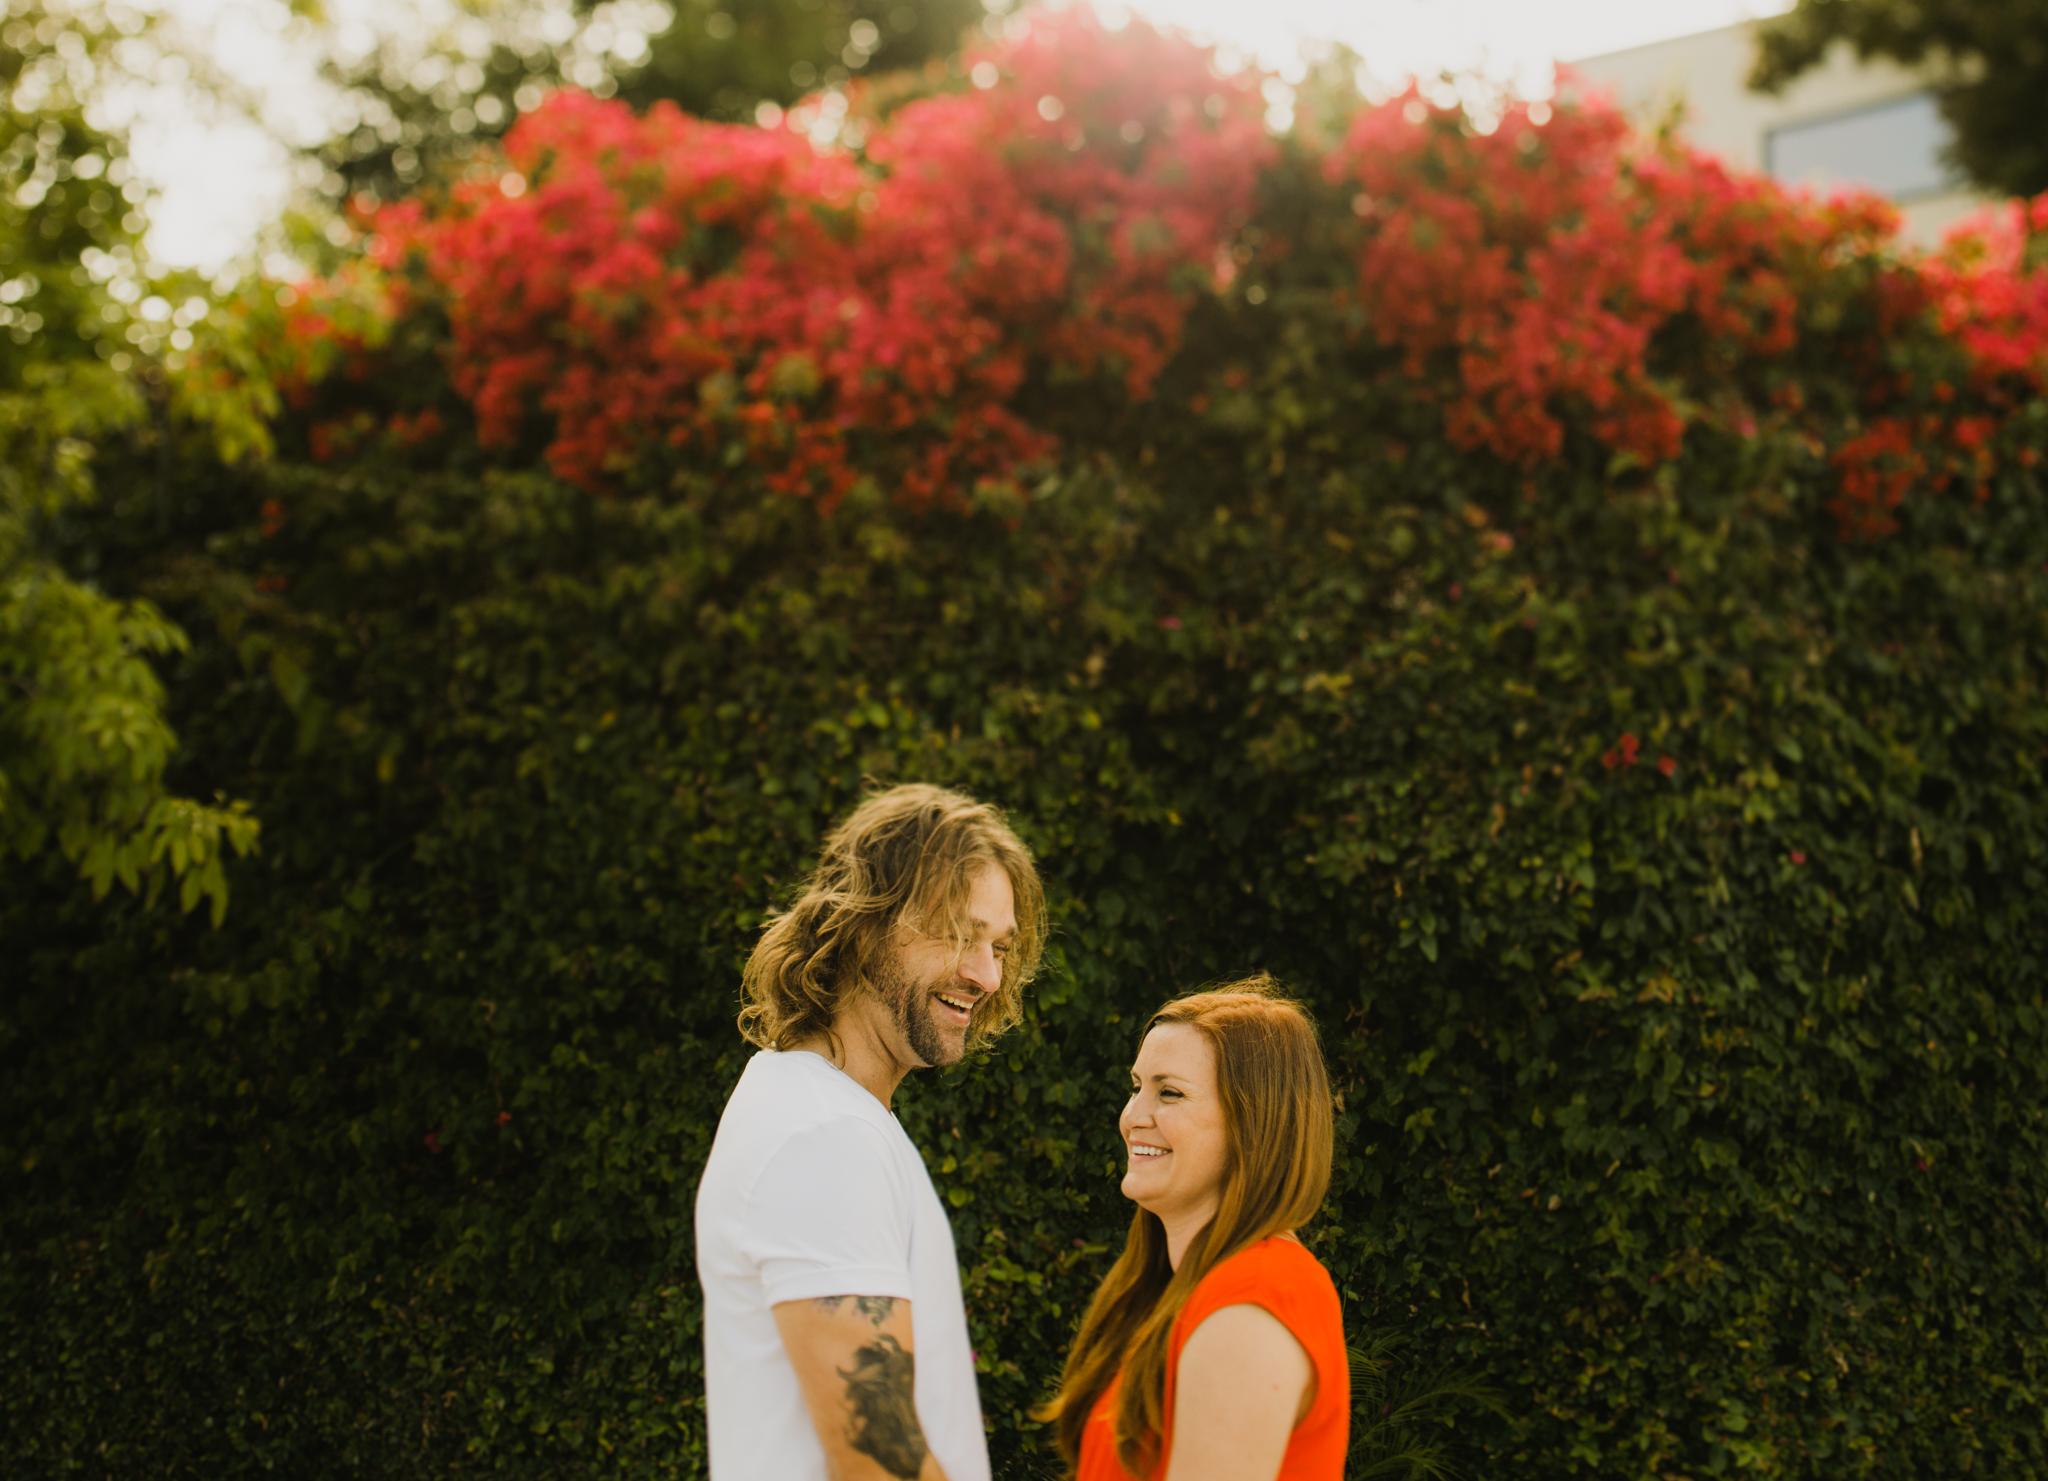 ©Isaiah & Taylor Photography  - Los Angeles Wedding Photographer - Venice Beach-16.jpg